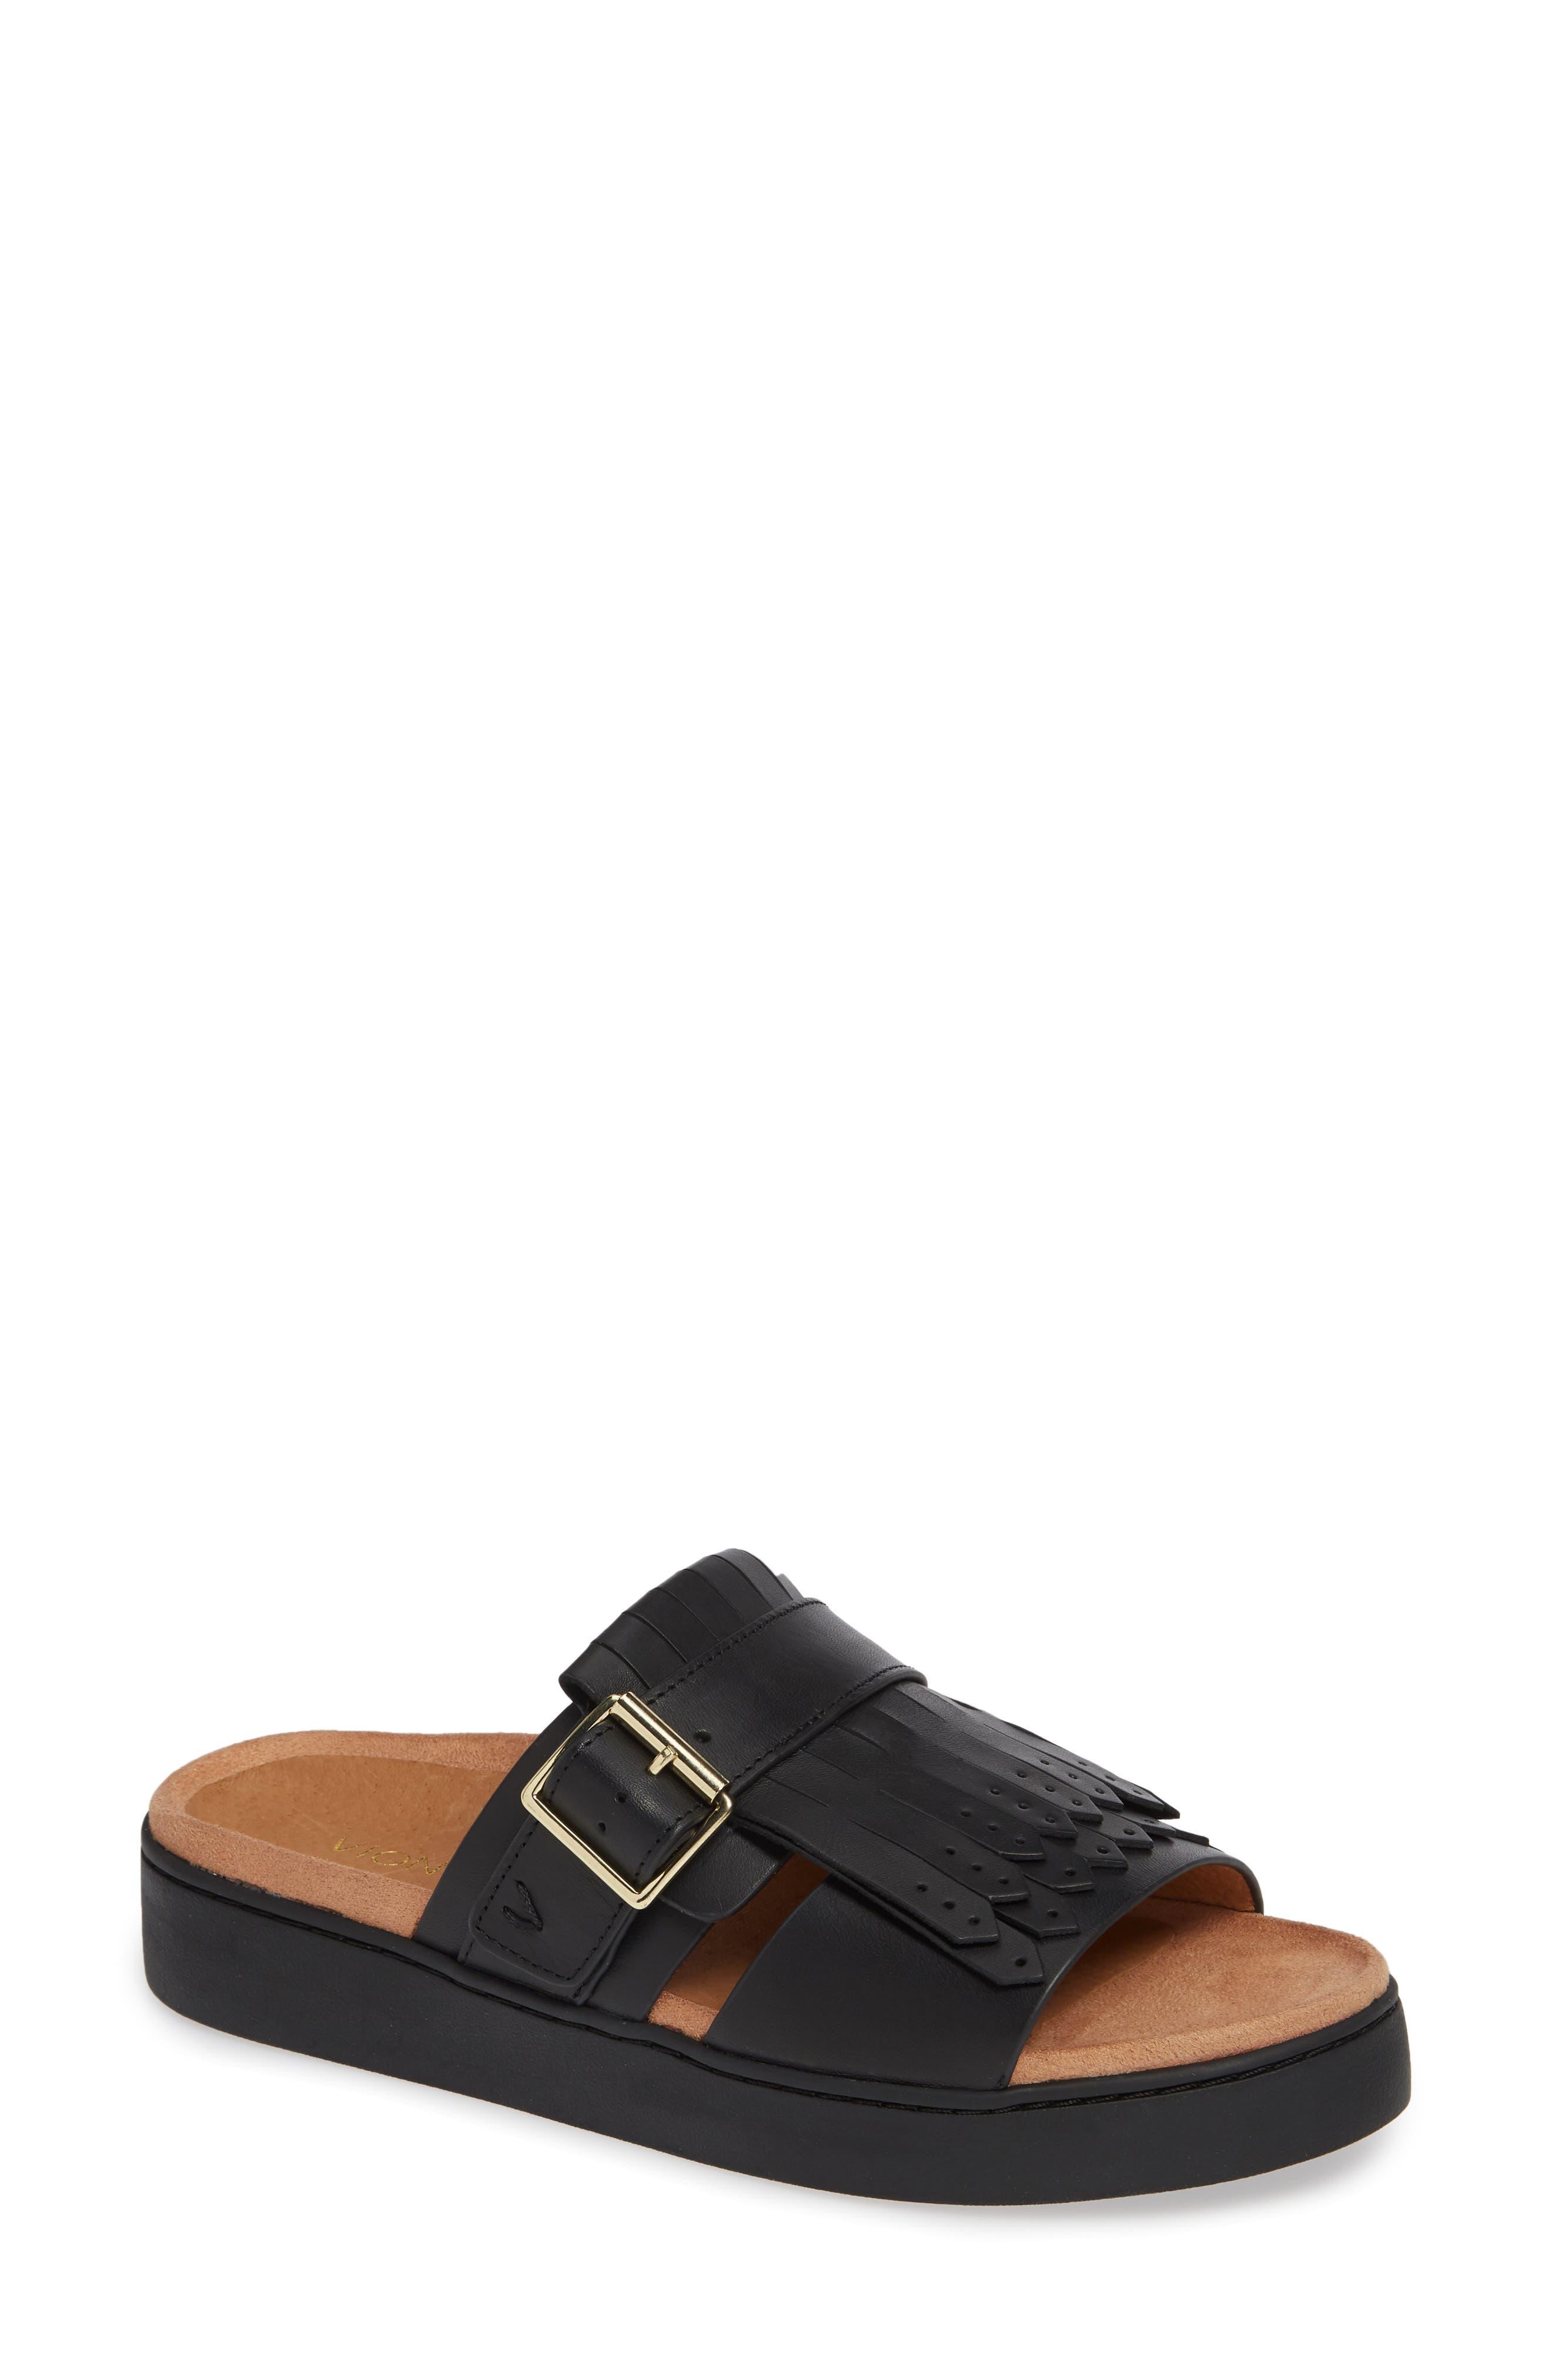 Fillmore Slide Sandal,                         Main,                         color, 001